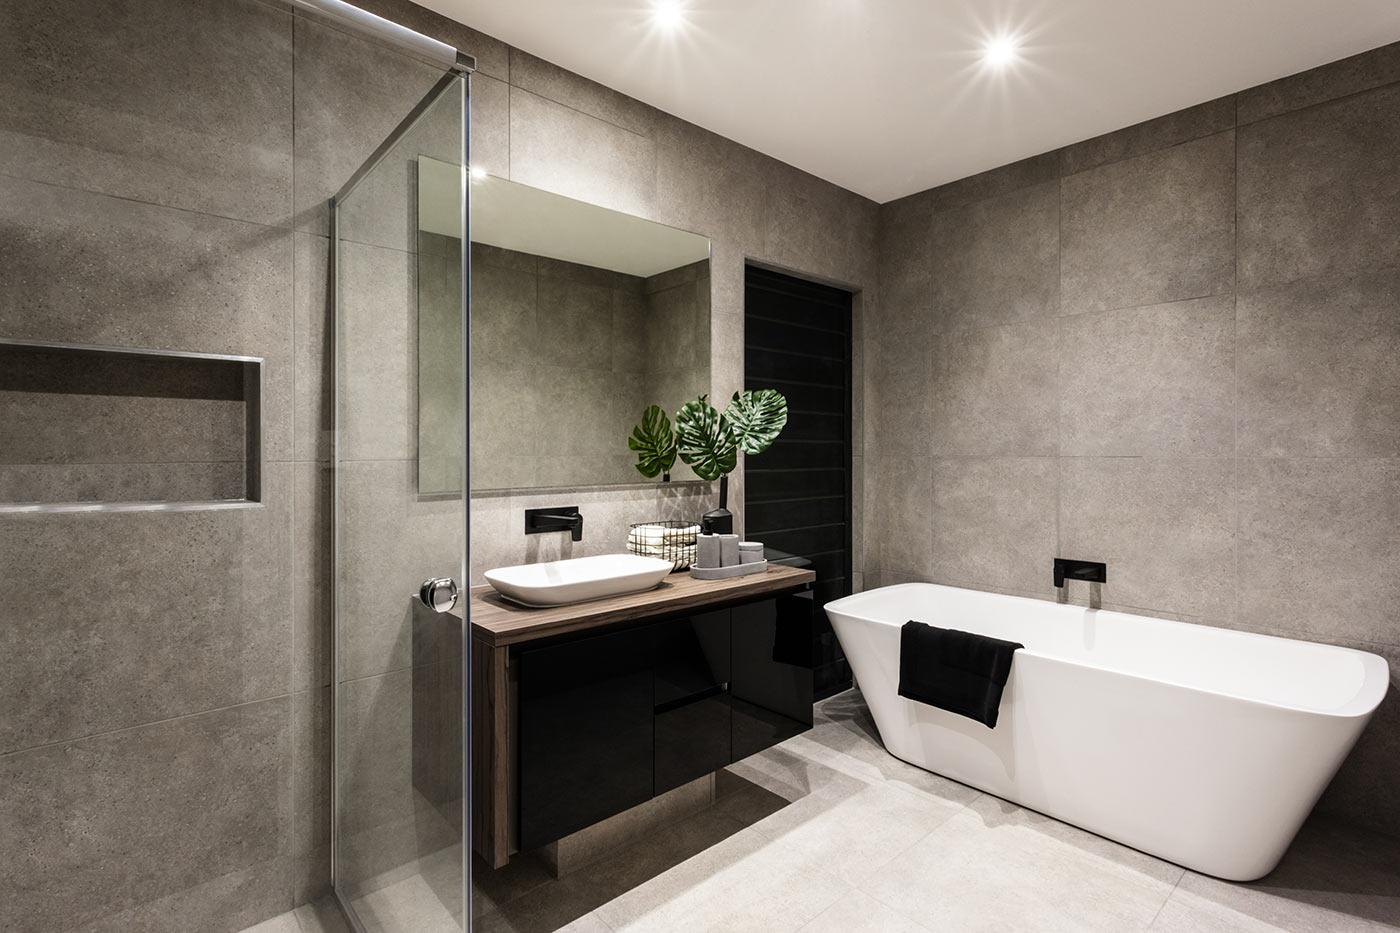 Visualizza altre idee su bagno, arredamento, bagni moderni. Bagno Moderno 1 Man Casa